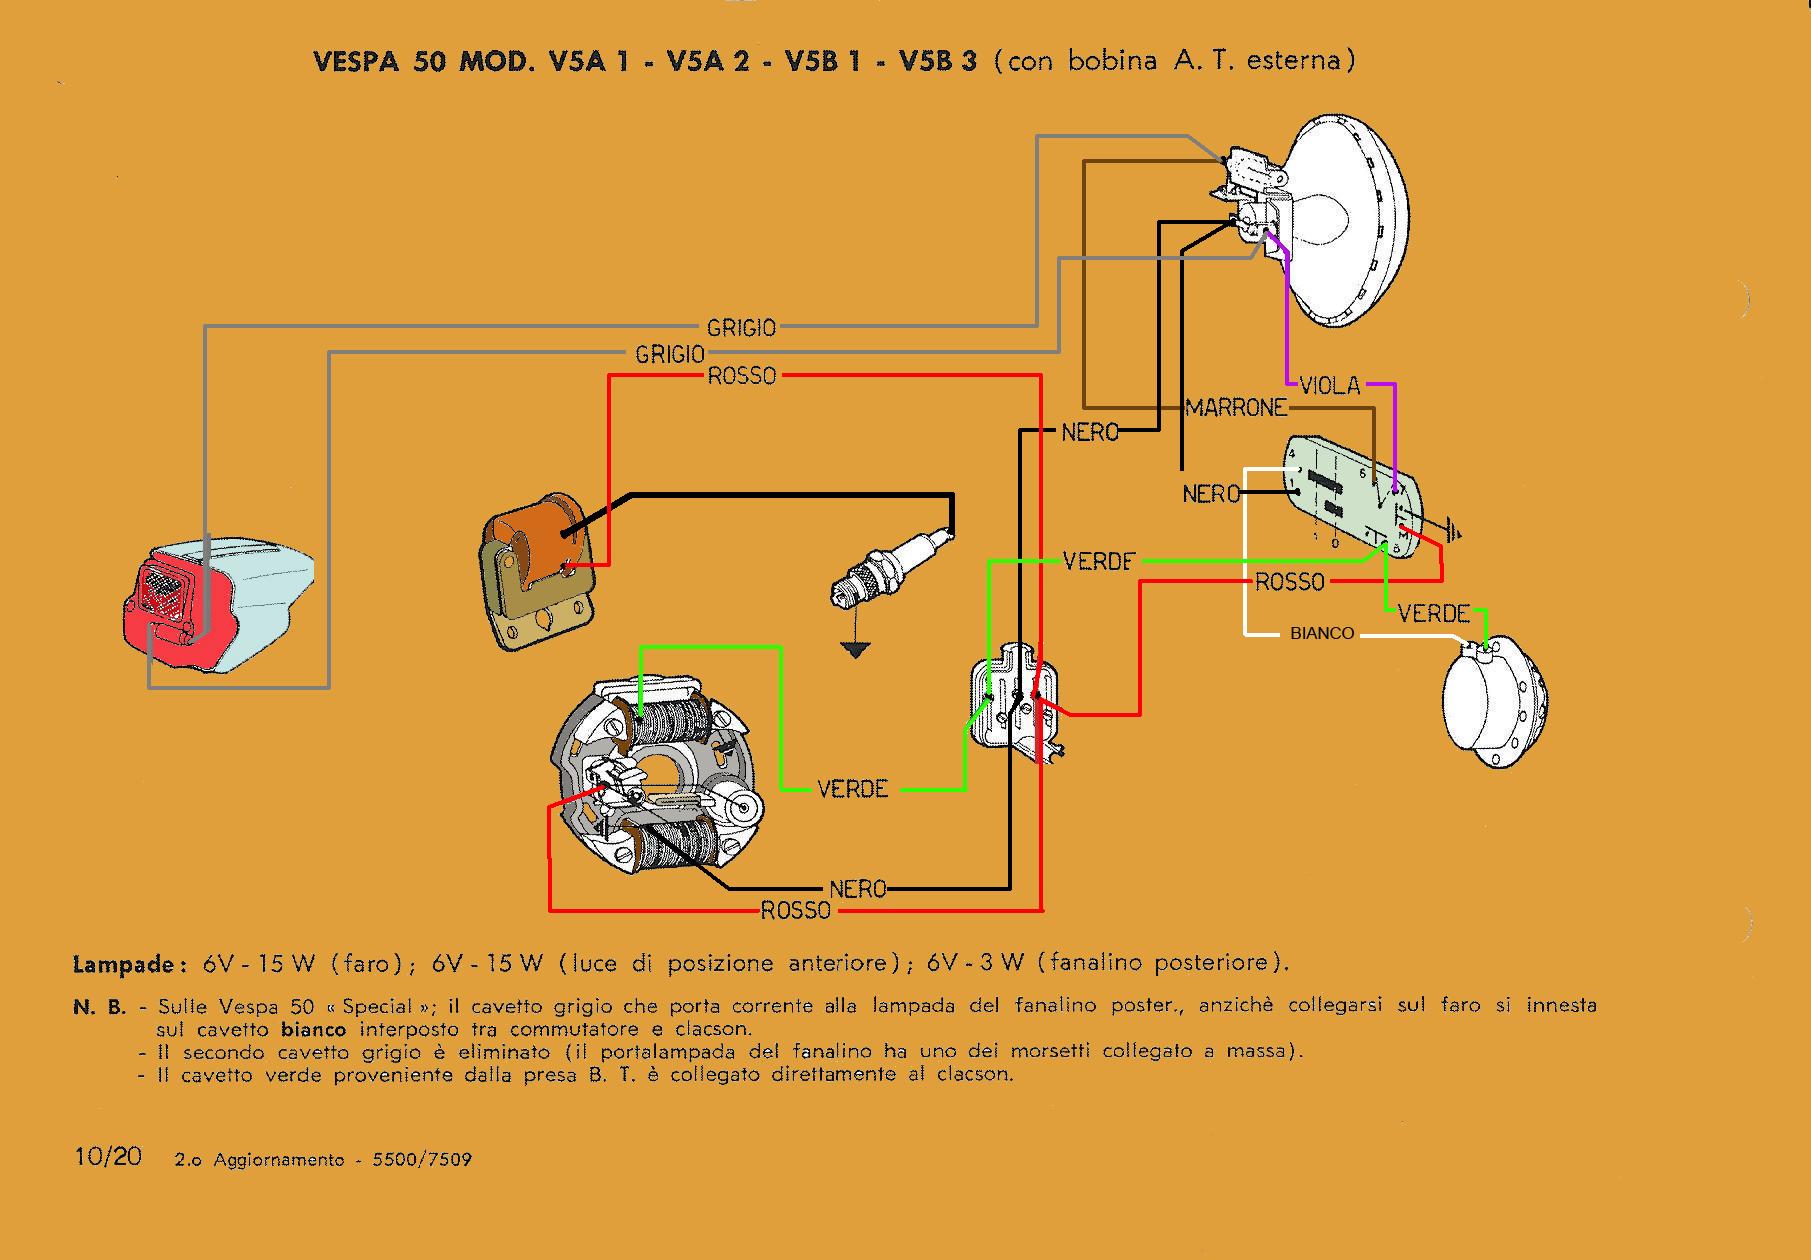 Schema Elettrico Vespa 50 N : Schema elettrico vespa vsa v b